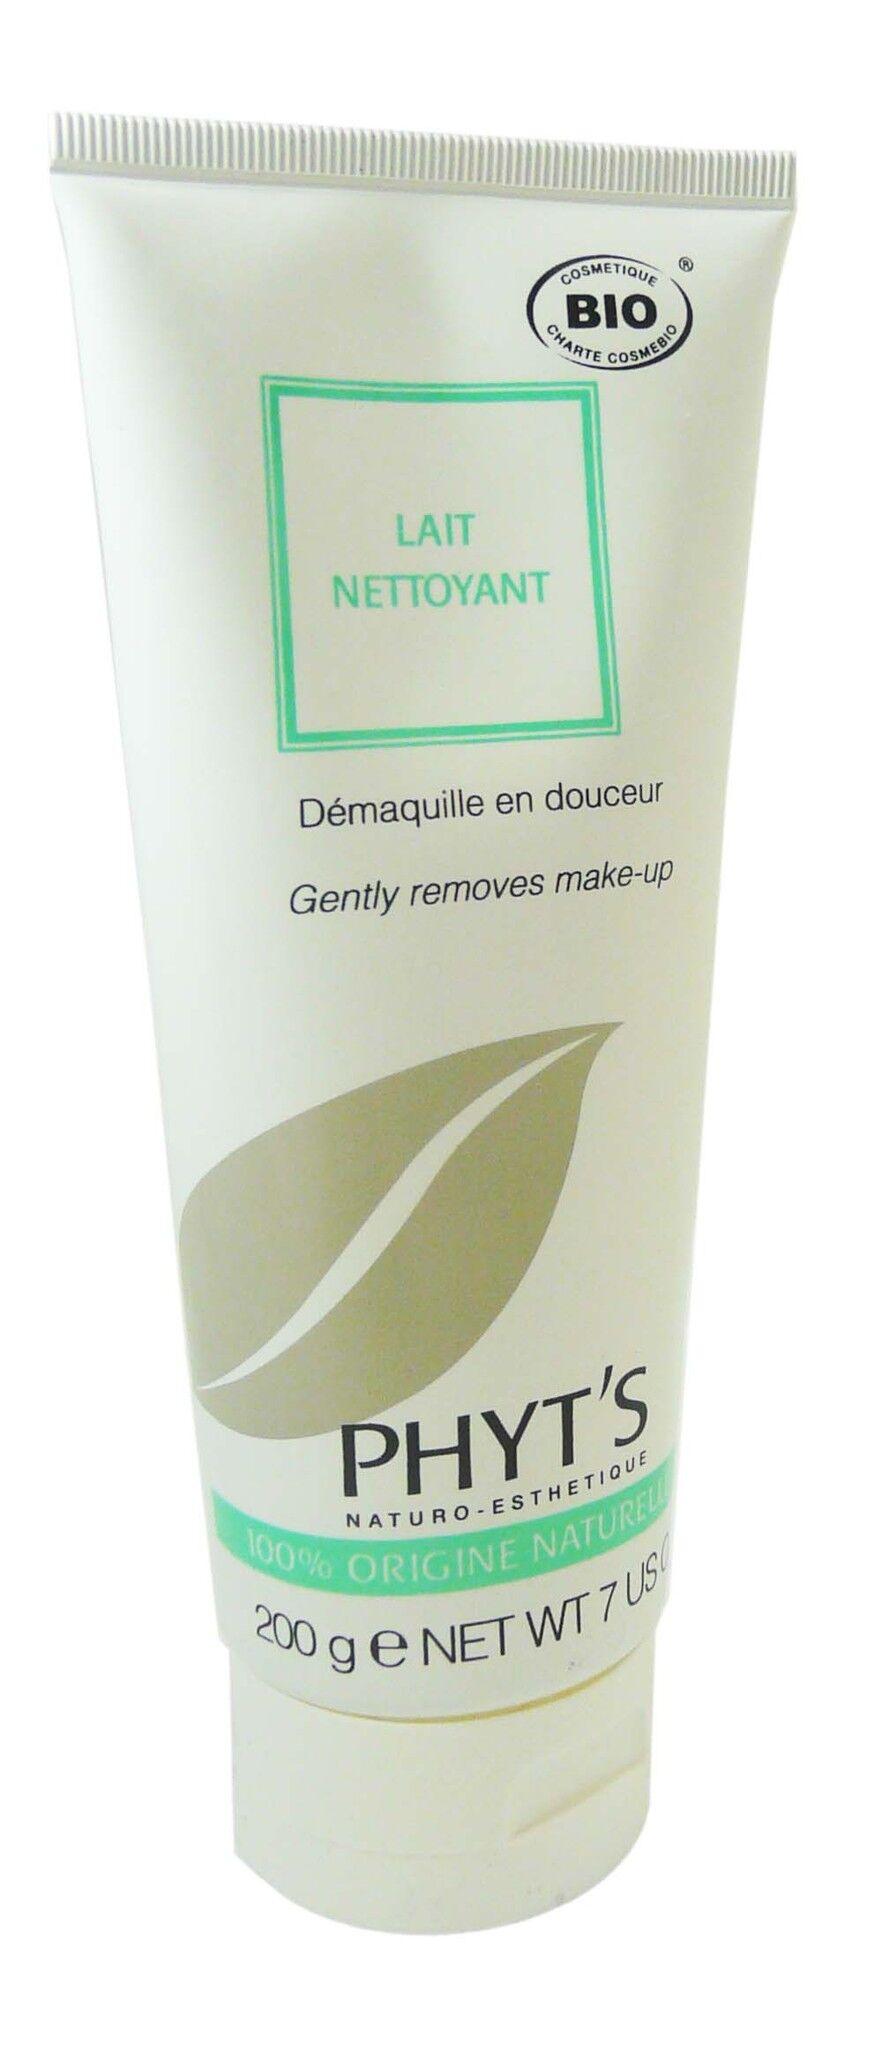 Phyt's lait nettoyant demaquillant 200g